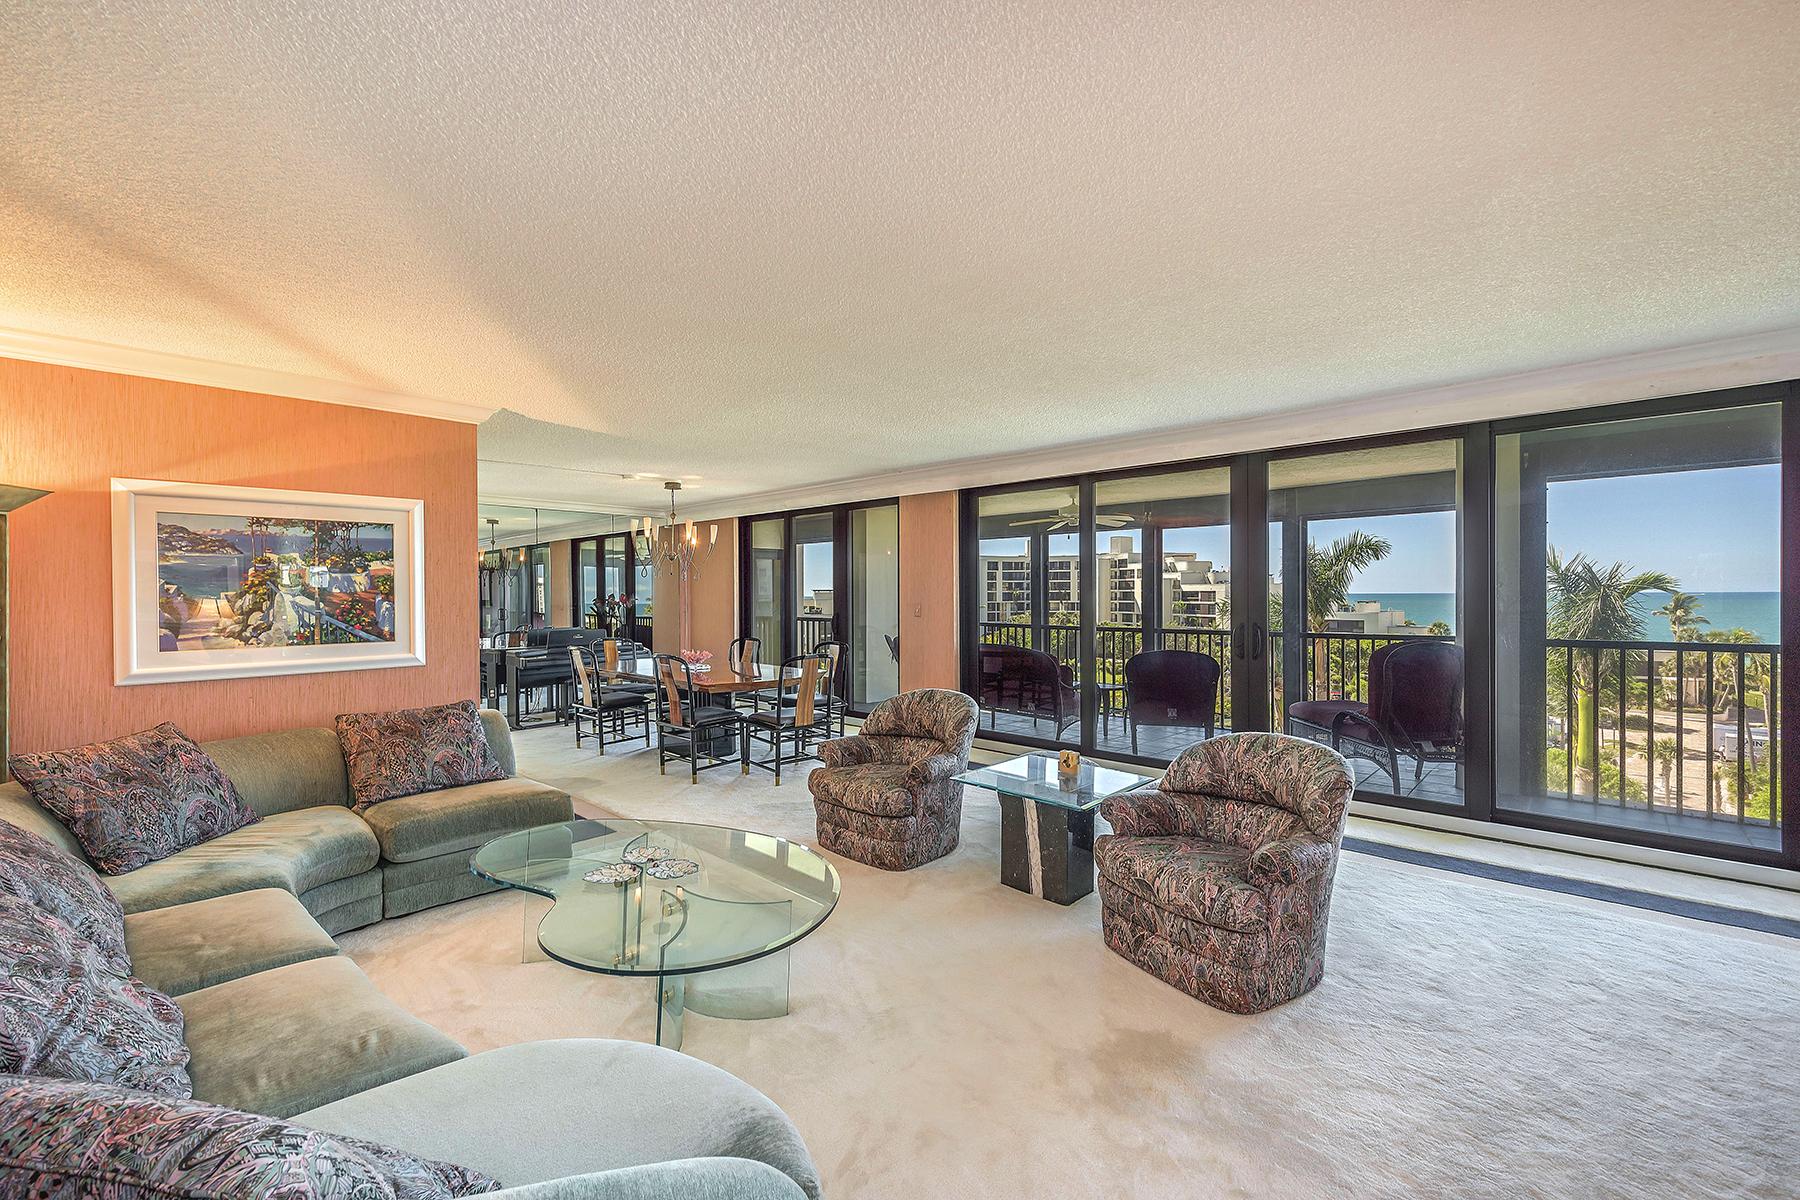 共管式独立产权公寓 为 销售 在 Admiralty Point II 2400 Gulf Shore Blvd N 603, The Moorings, 那不勒斯, 佛罗里达州, 34103 美国